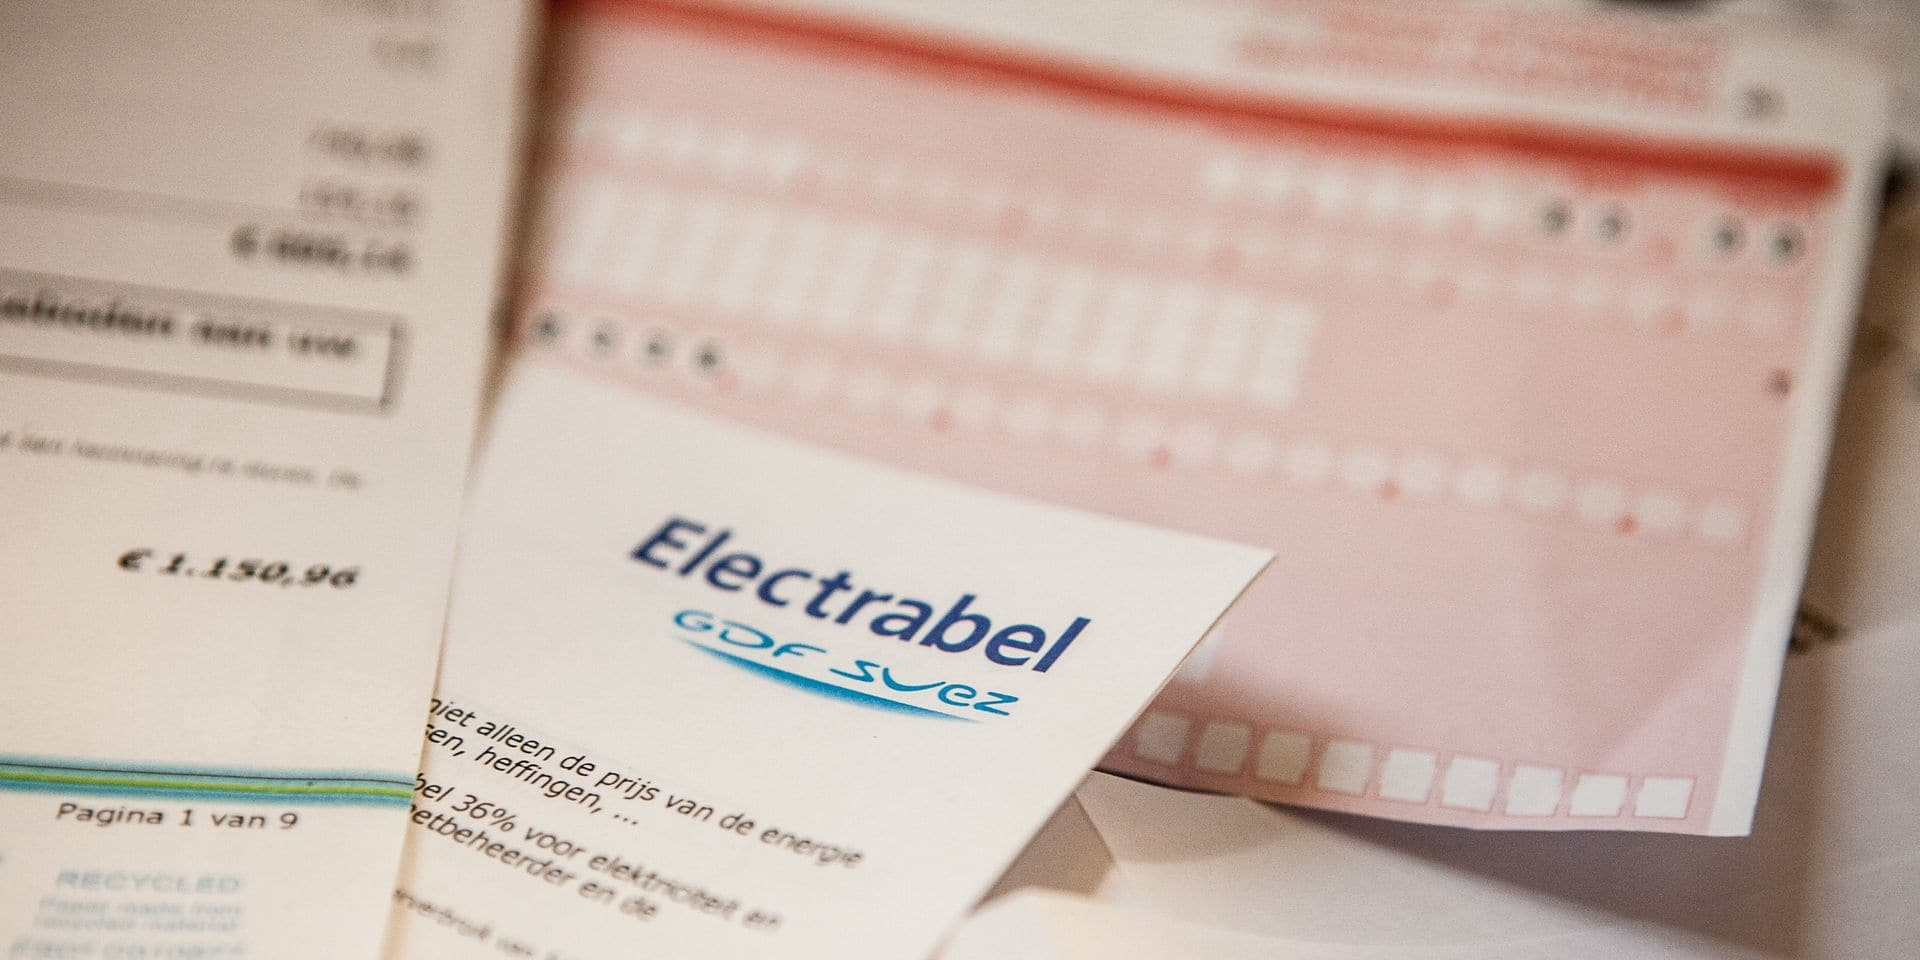 Les frais de distribution de gaz et d'électricité seront adaptés à Bruxelles